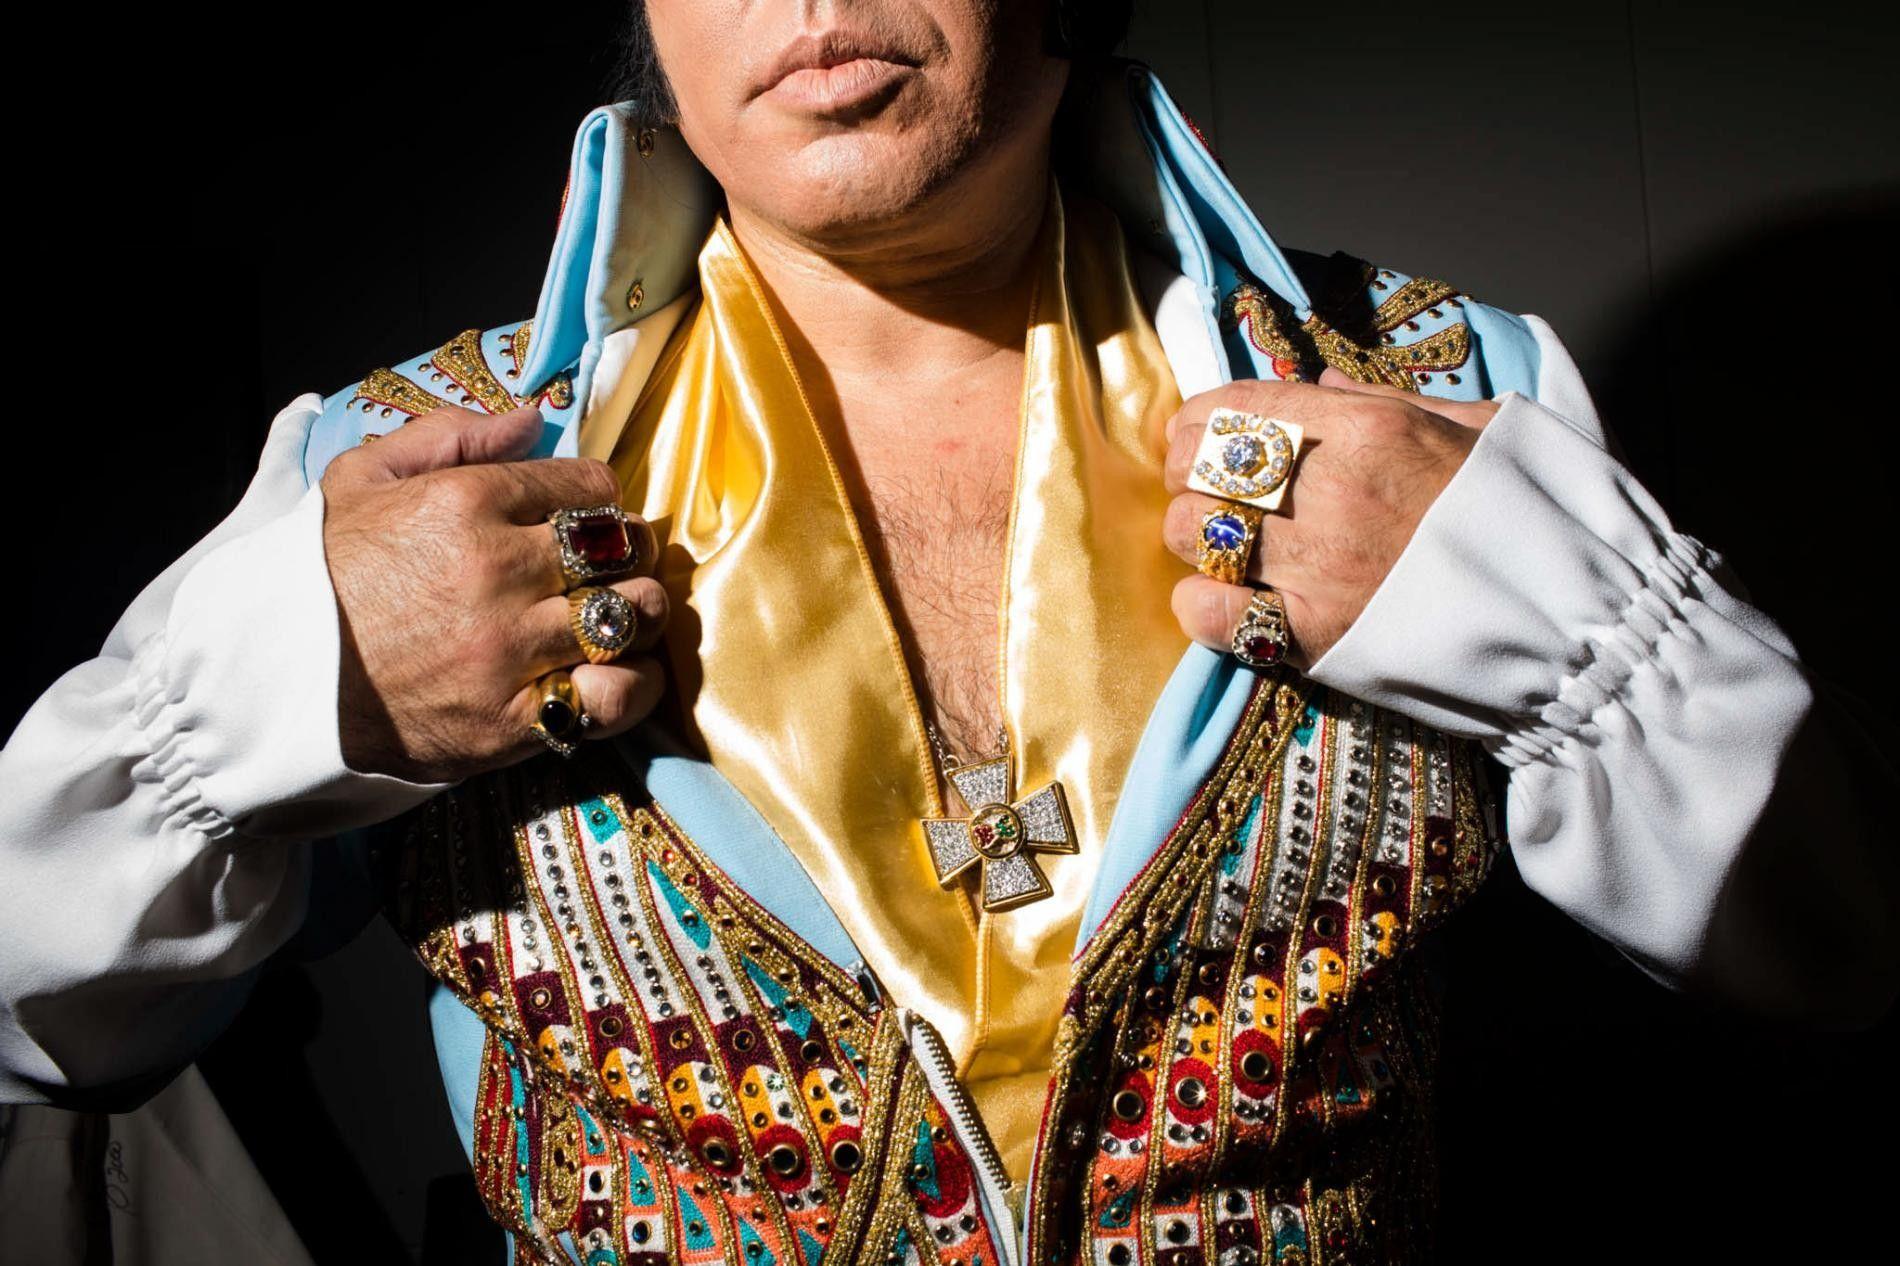 """Mario Kombou, ein Elvis Tribute Artist aus London, bereitet sich auf seine Performance im Daisy Theater in Memphis, Tennessee vor. Während der """"Elvis Week"""" gibt es dort eine Performance-Reihe für Cover Artists namens """"Images of the King""""."""